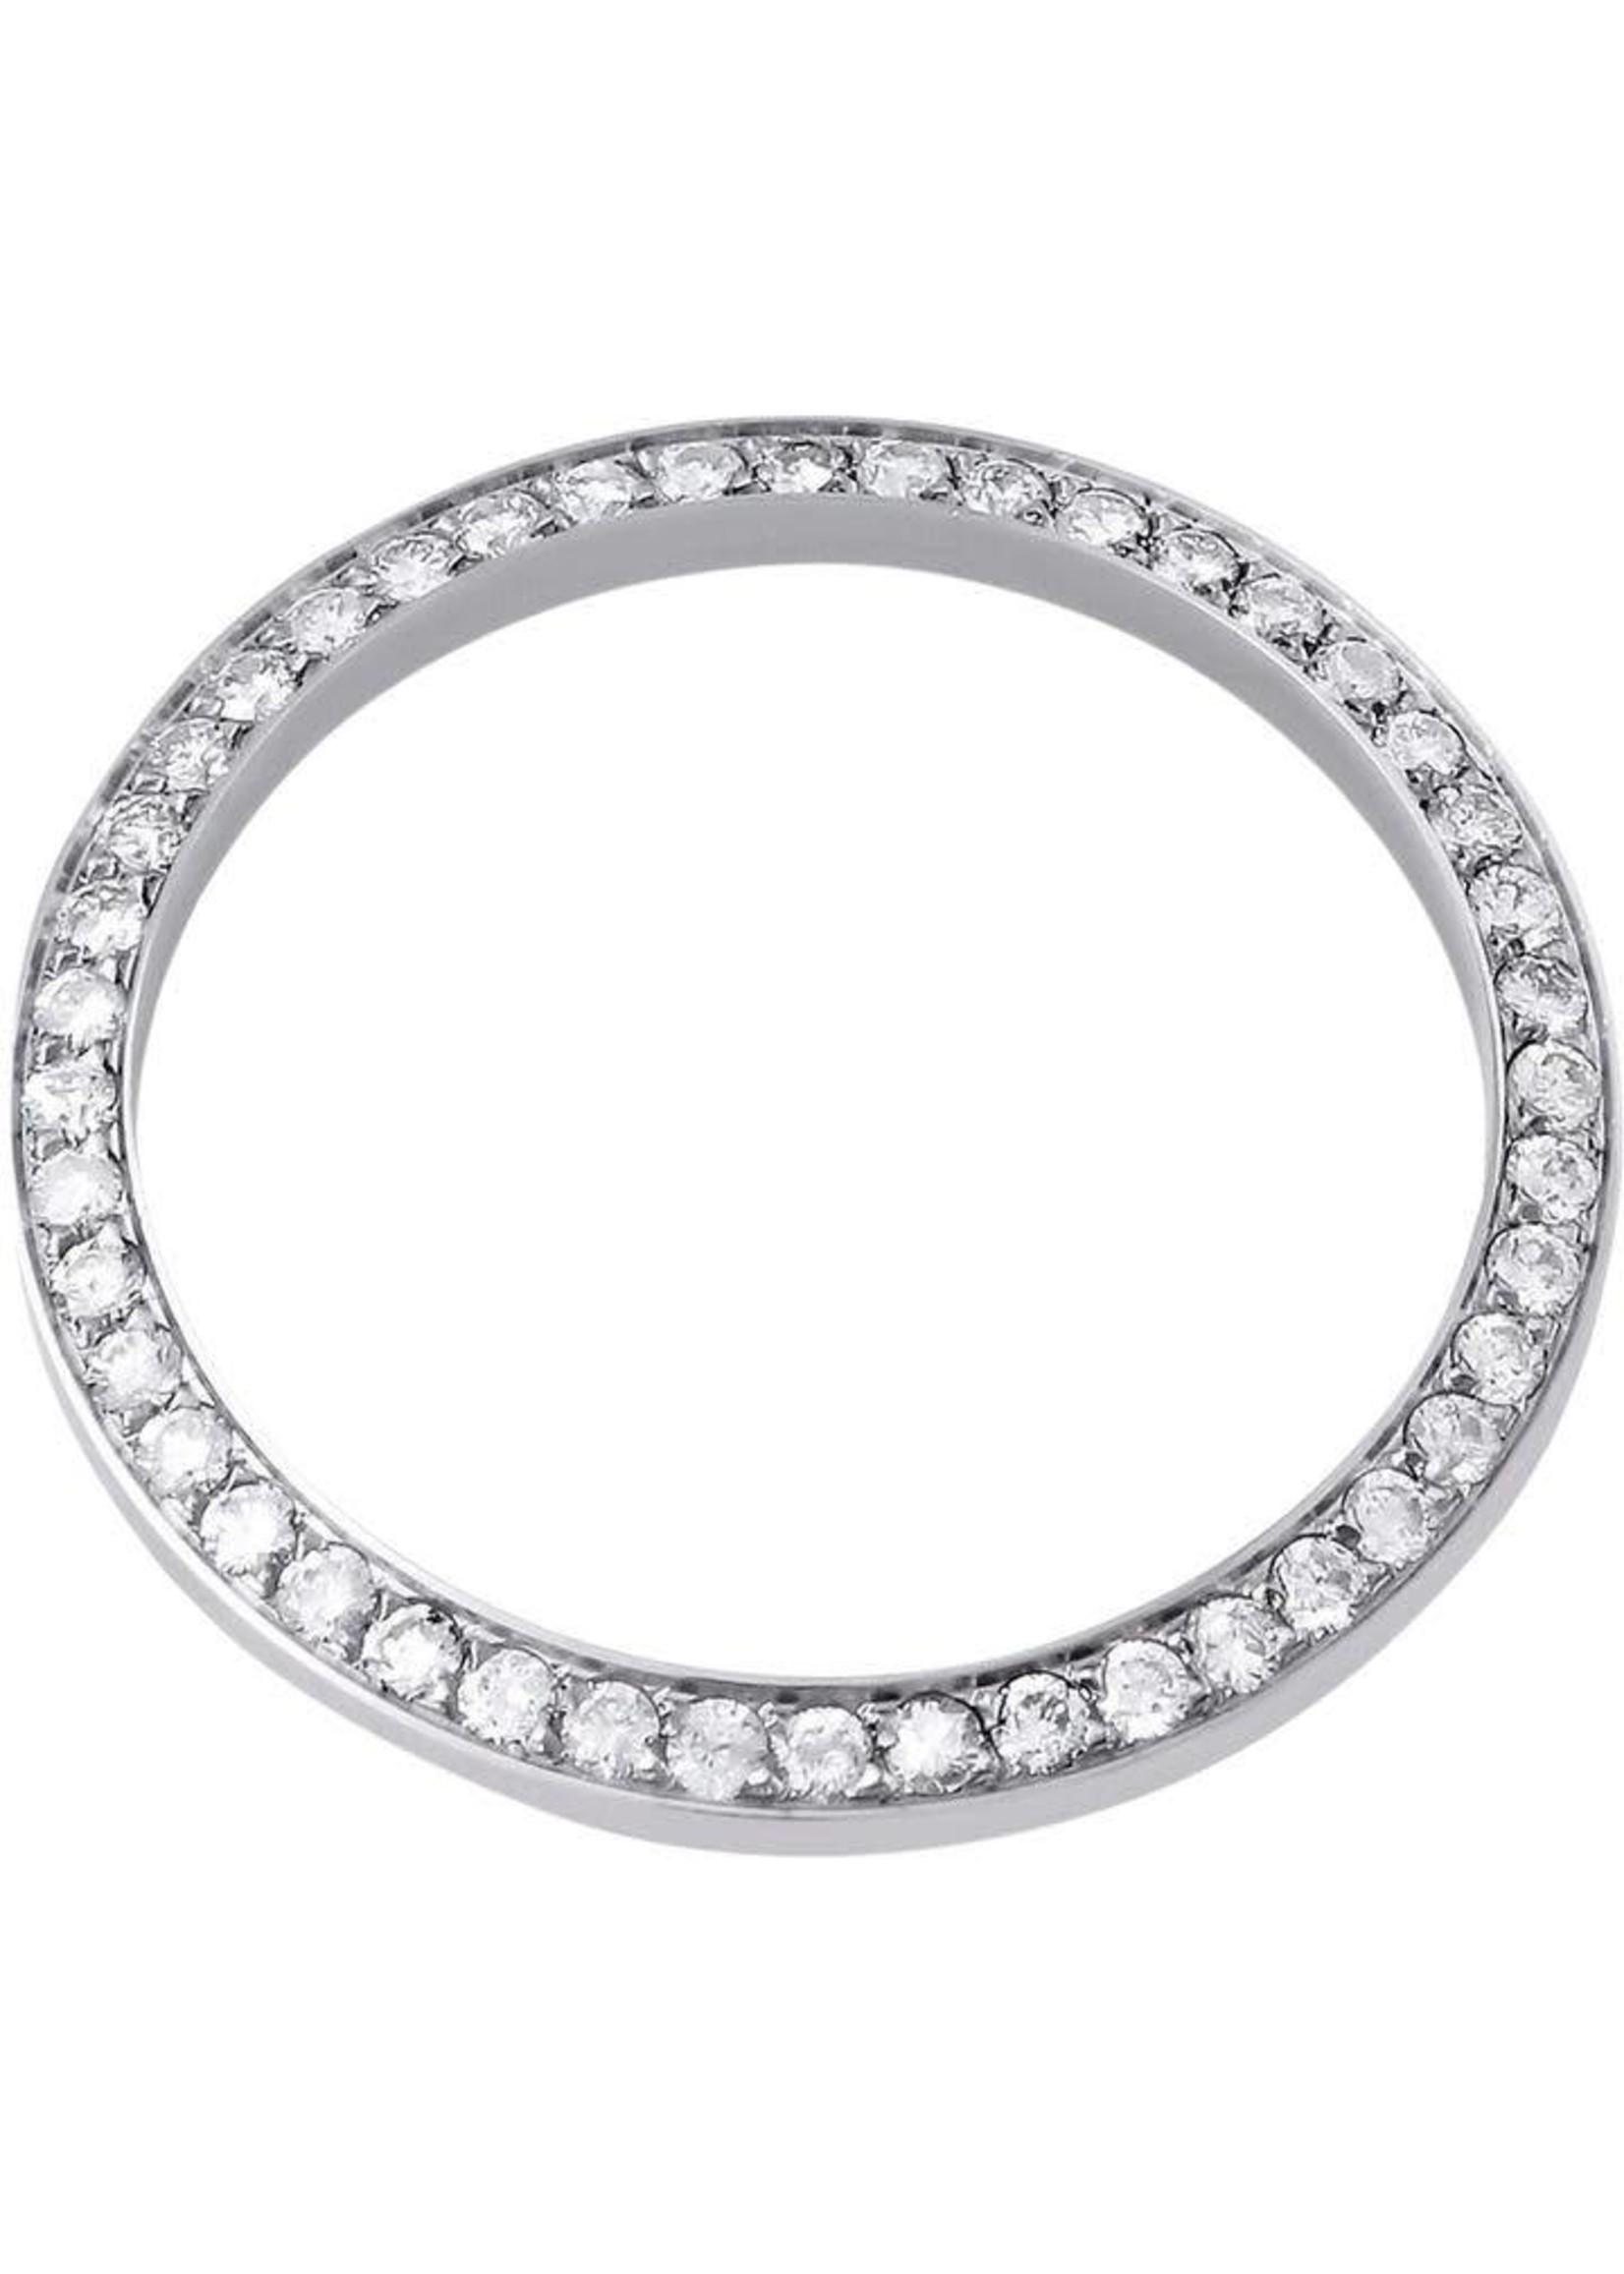 36MM DIAMOND BEZEL WHITE GOLD